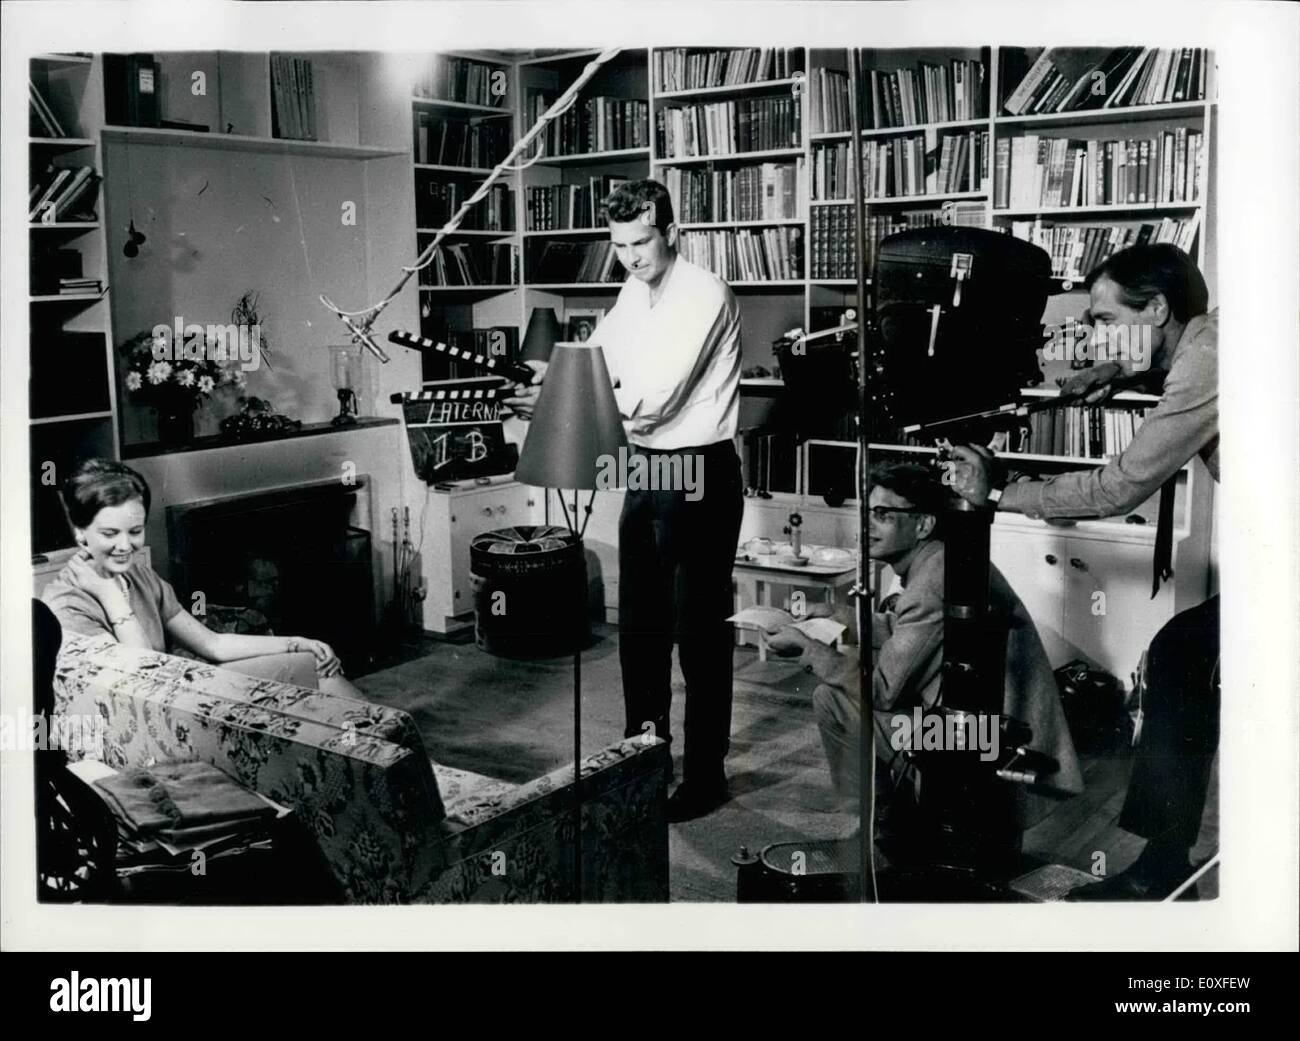 Agosto 08, 1966 - La Princesa Margarethe de Dinamarca dará Resumen En la exhibición de su película de gira latinoamericana: un color película retrata el viaje realizado a comienzos de este año por la heredera al trono danés, la Princesa Margarethe para América Latina, tendrá su primera exhibición en Copenhague el 8 de septiembre. En una introducción a la película, la Princesa dará un breve resumen de sus impresiones de la gira, el rodaje de la película que tuvo lugar en su residencia privada en el Palacio Amalienborg, en Copenhague, bajo el productor danés Claus Toksvig Imagen De Stock